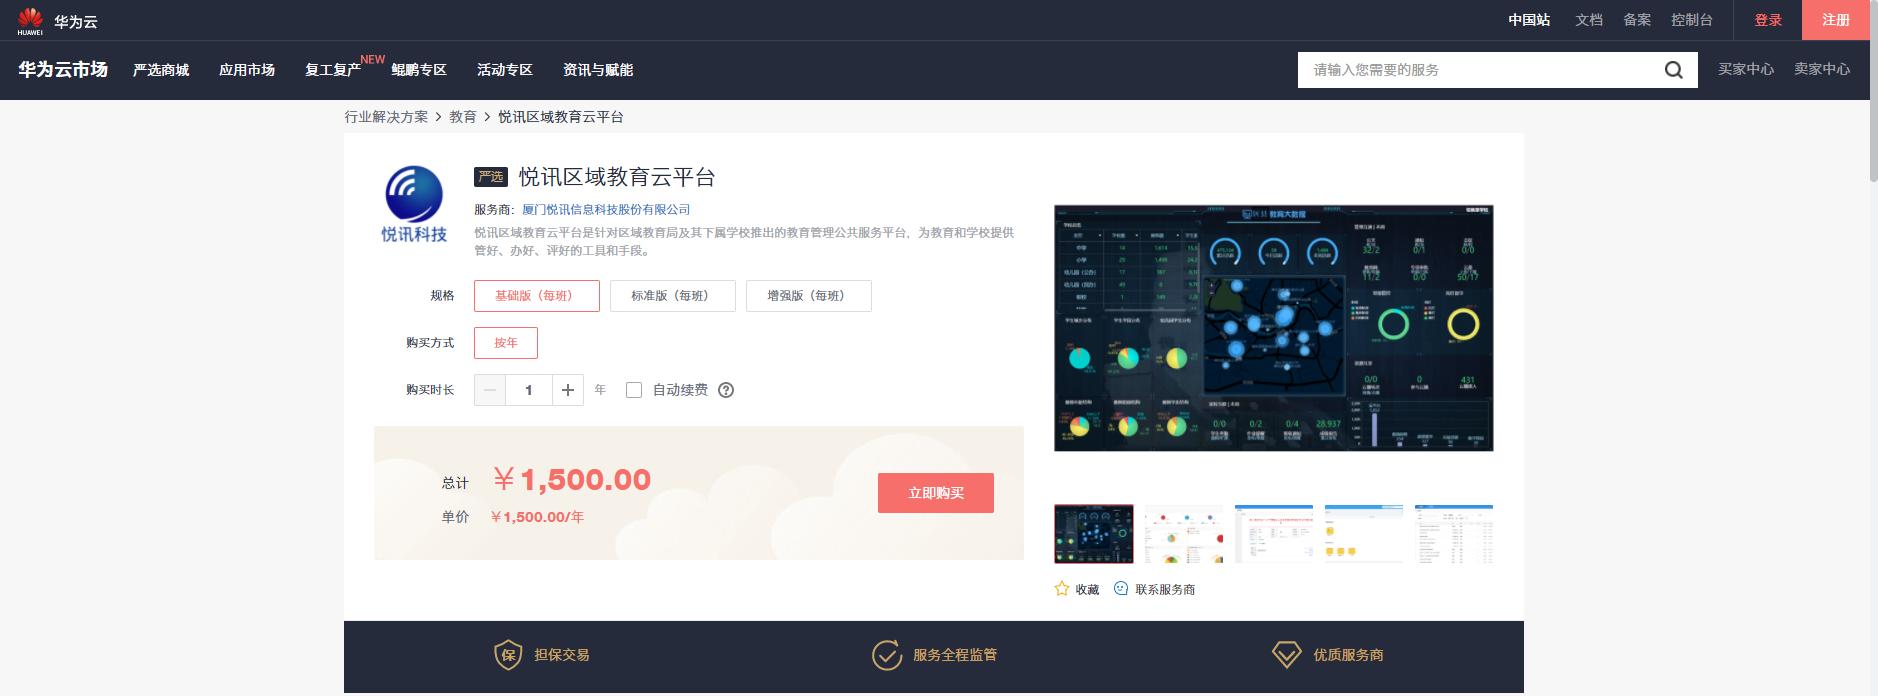 悦讯区域教育云平台.png